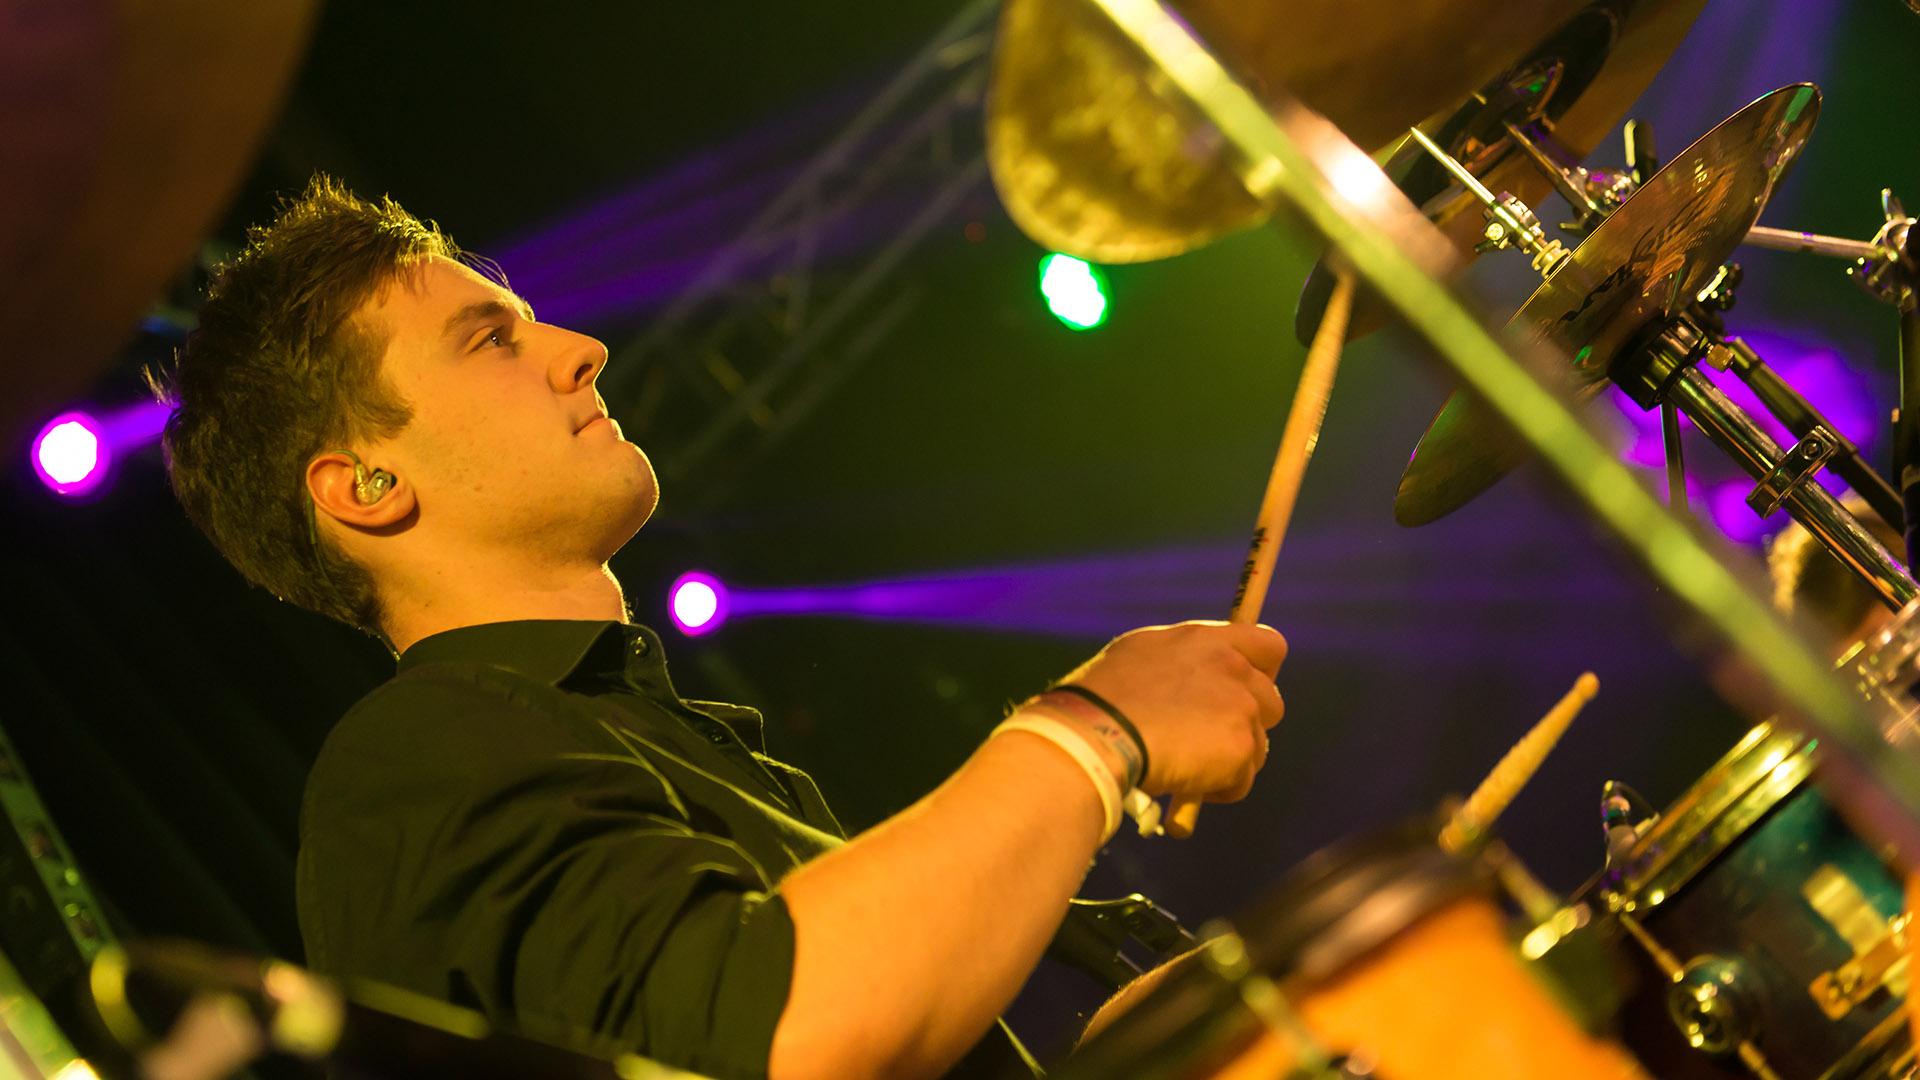 Konzertfotografie Konzert der Rock-Pop-Coverband und live Partyband Rondstoa Drummer Schlagzeuger